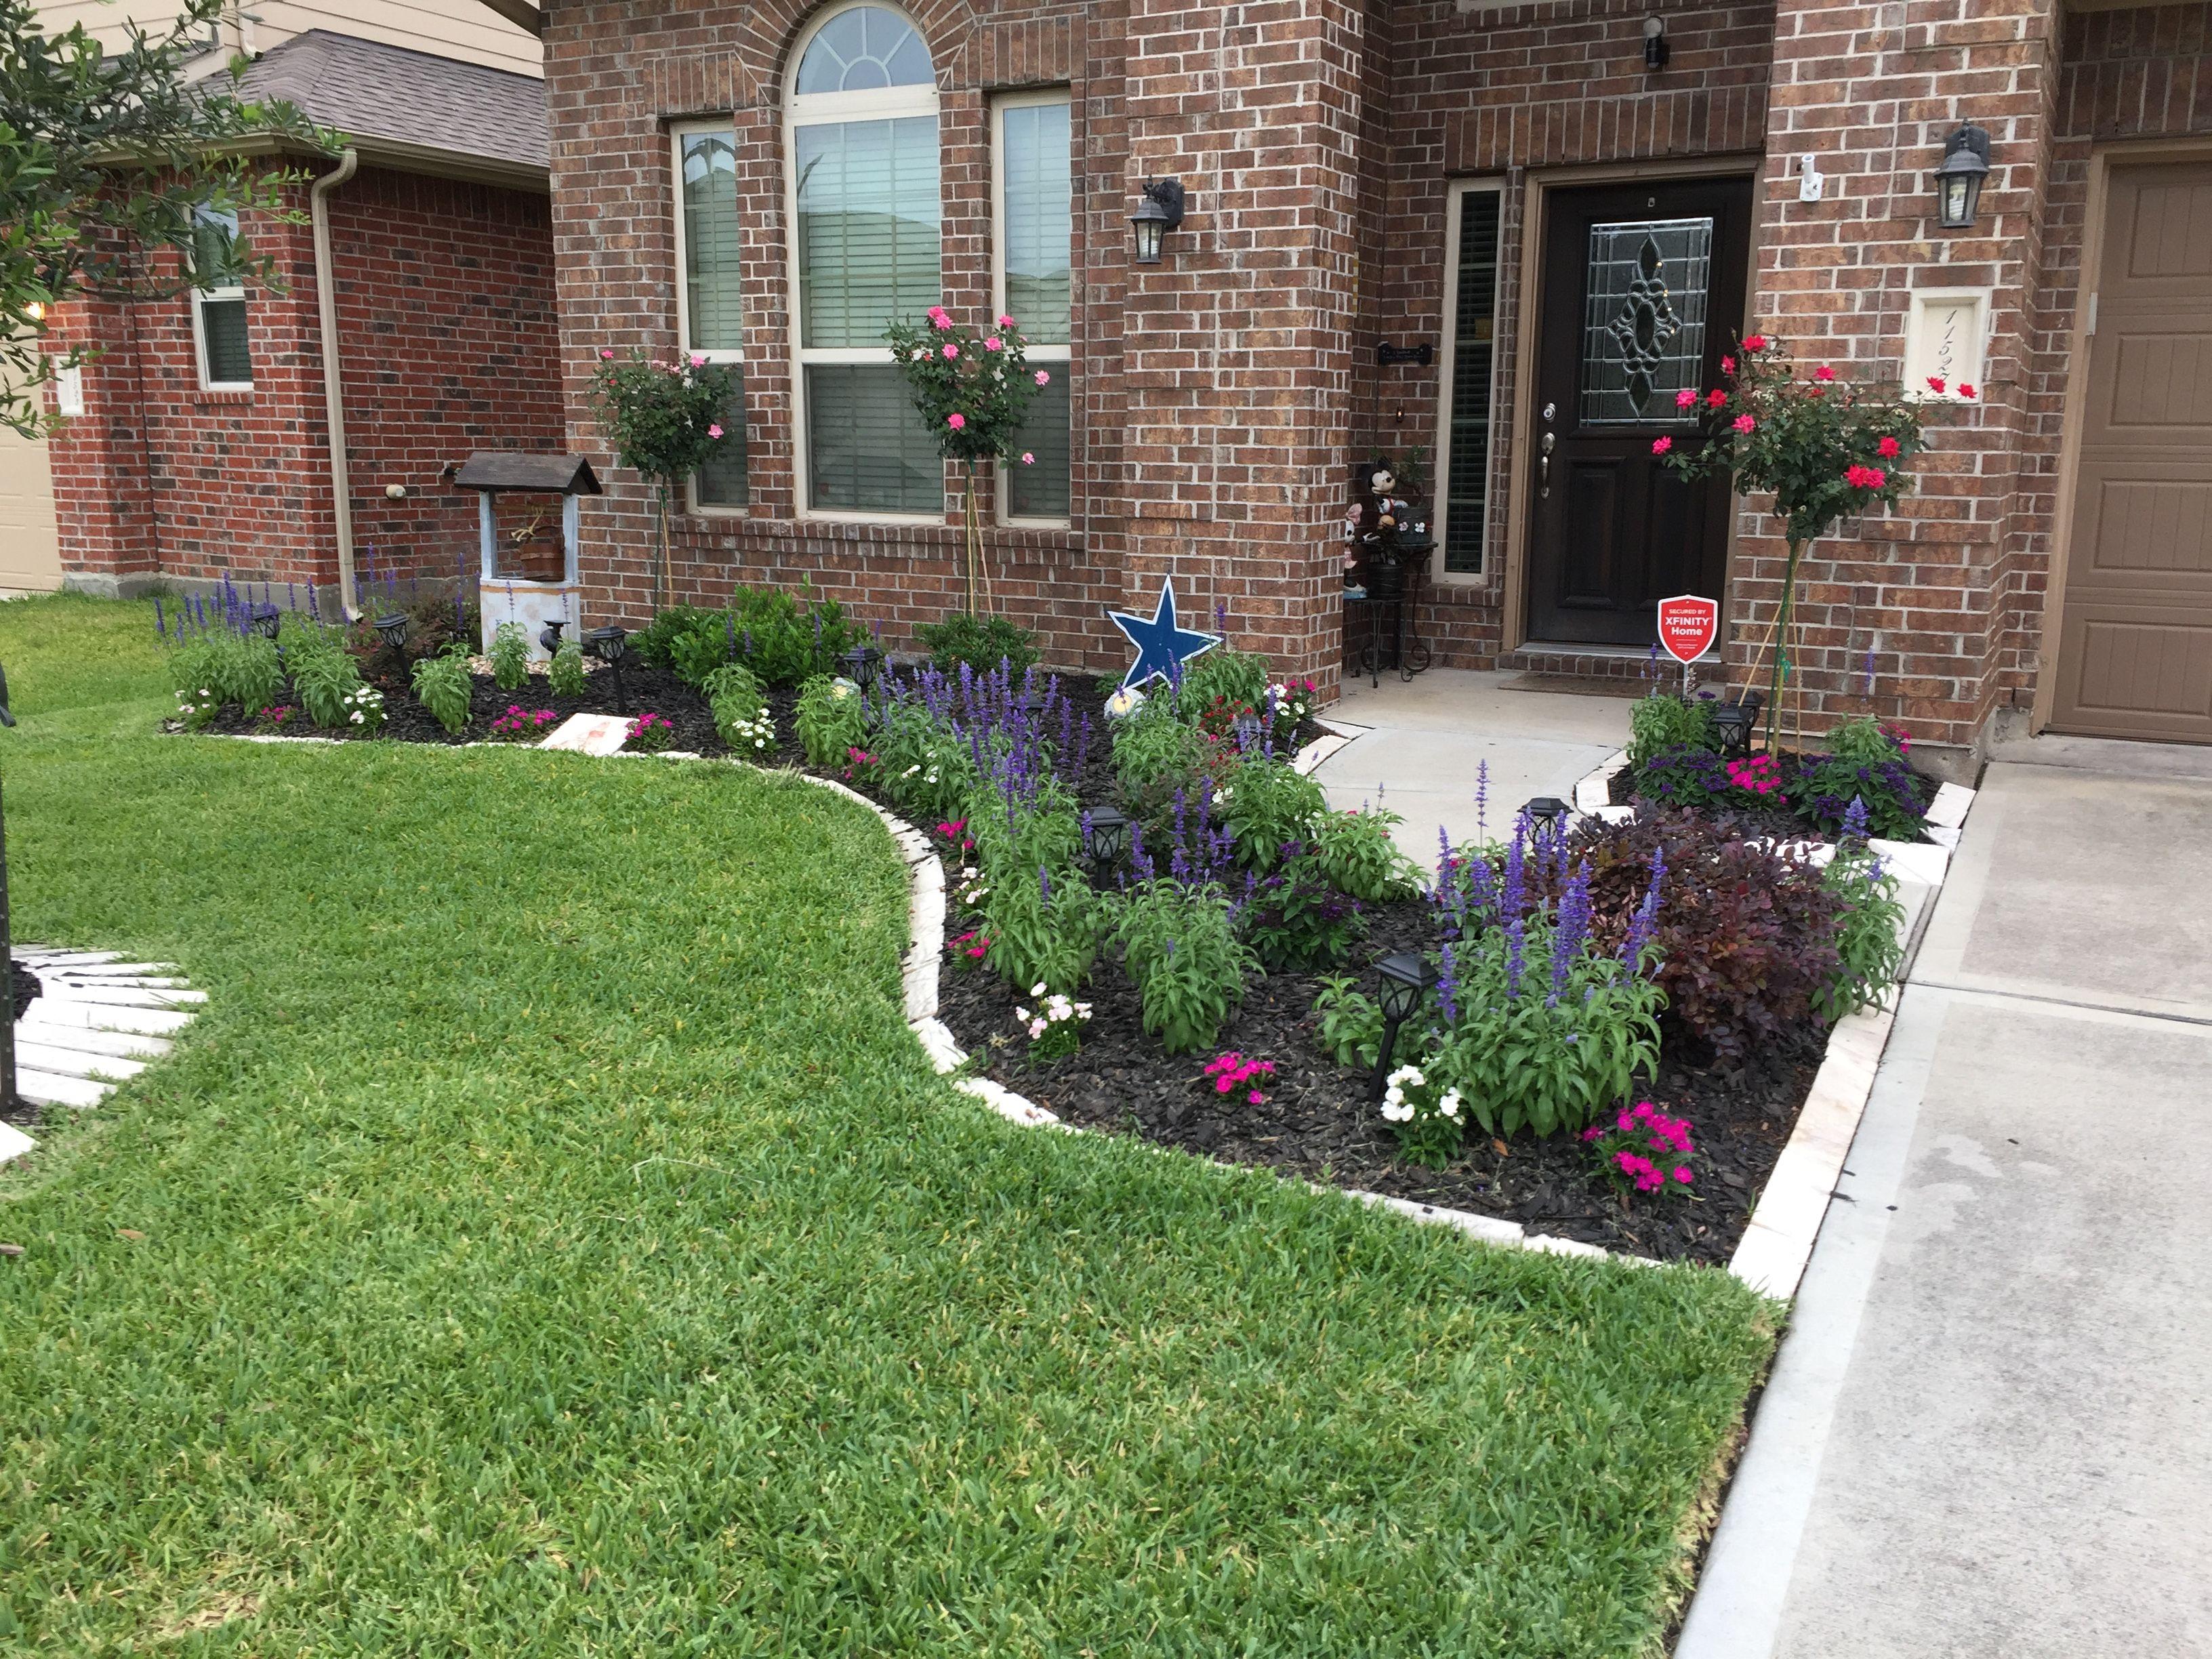 как оформить газон перед домом фото устроило